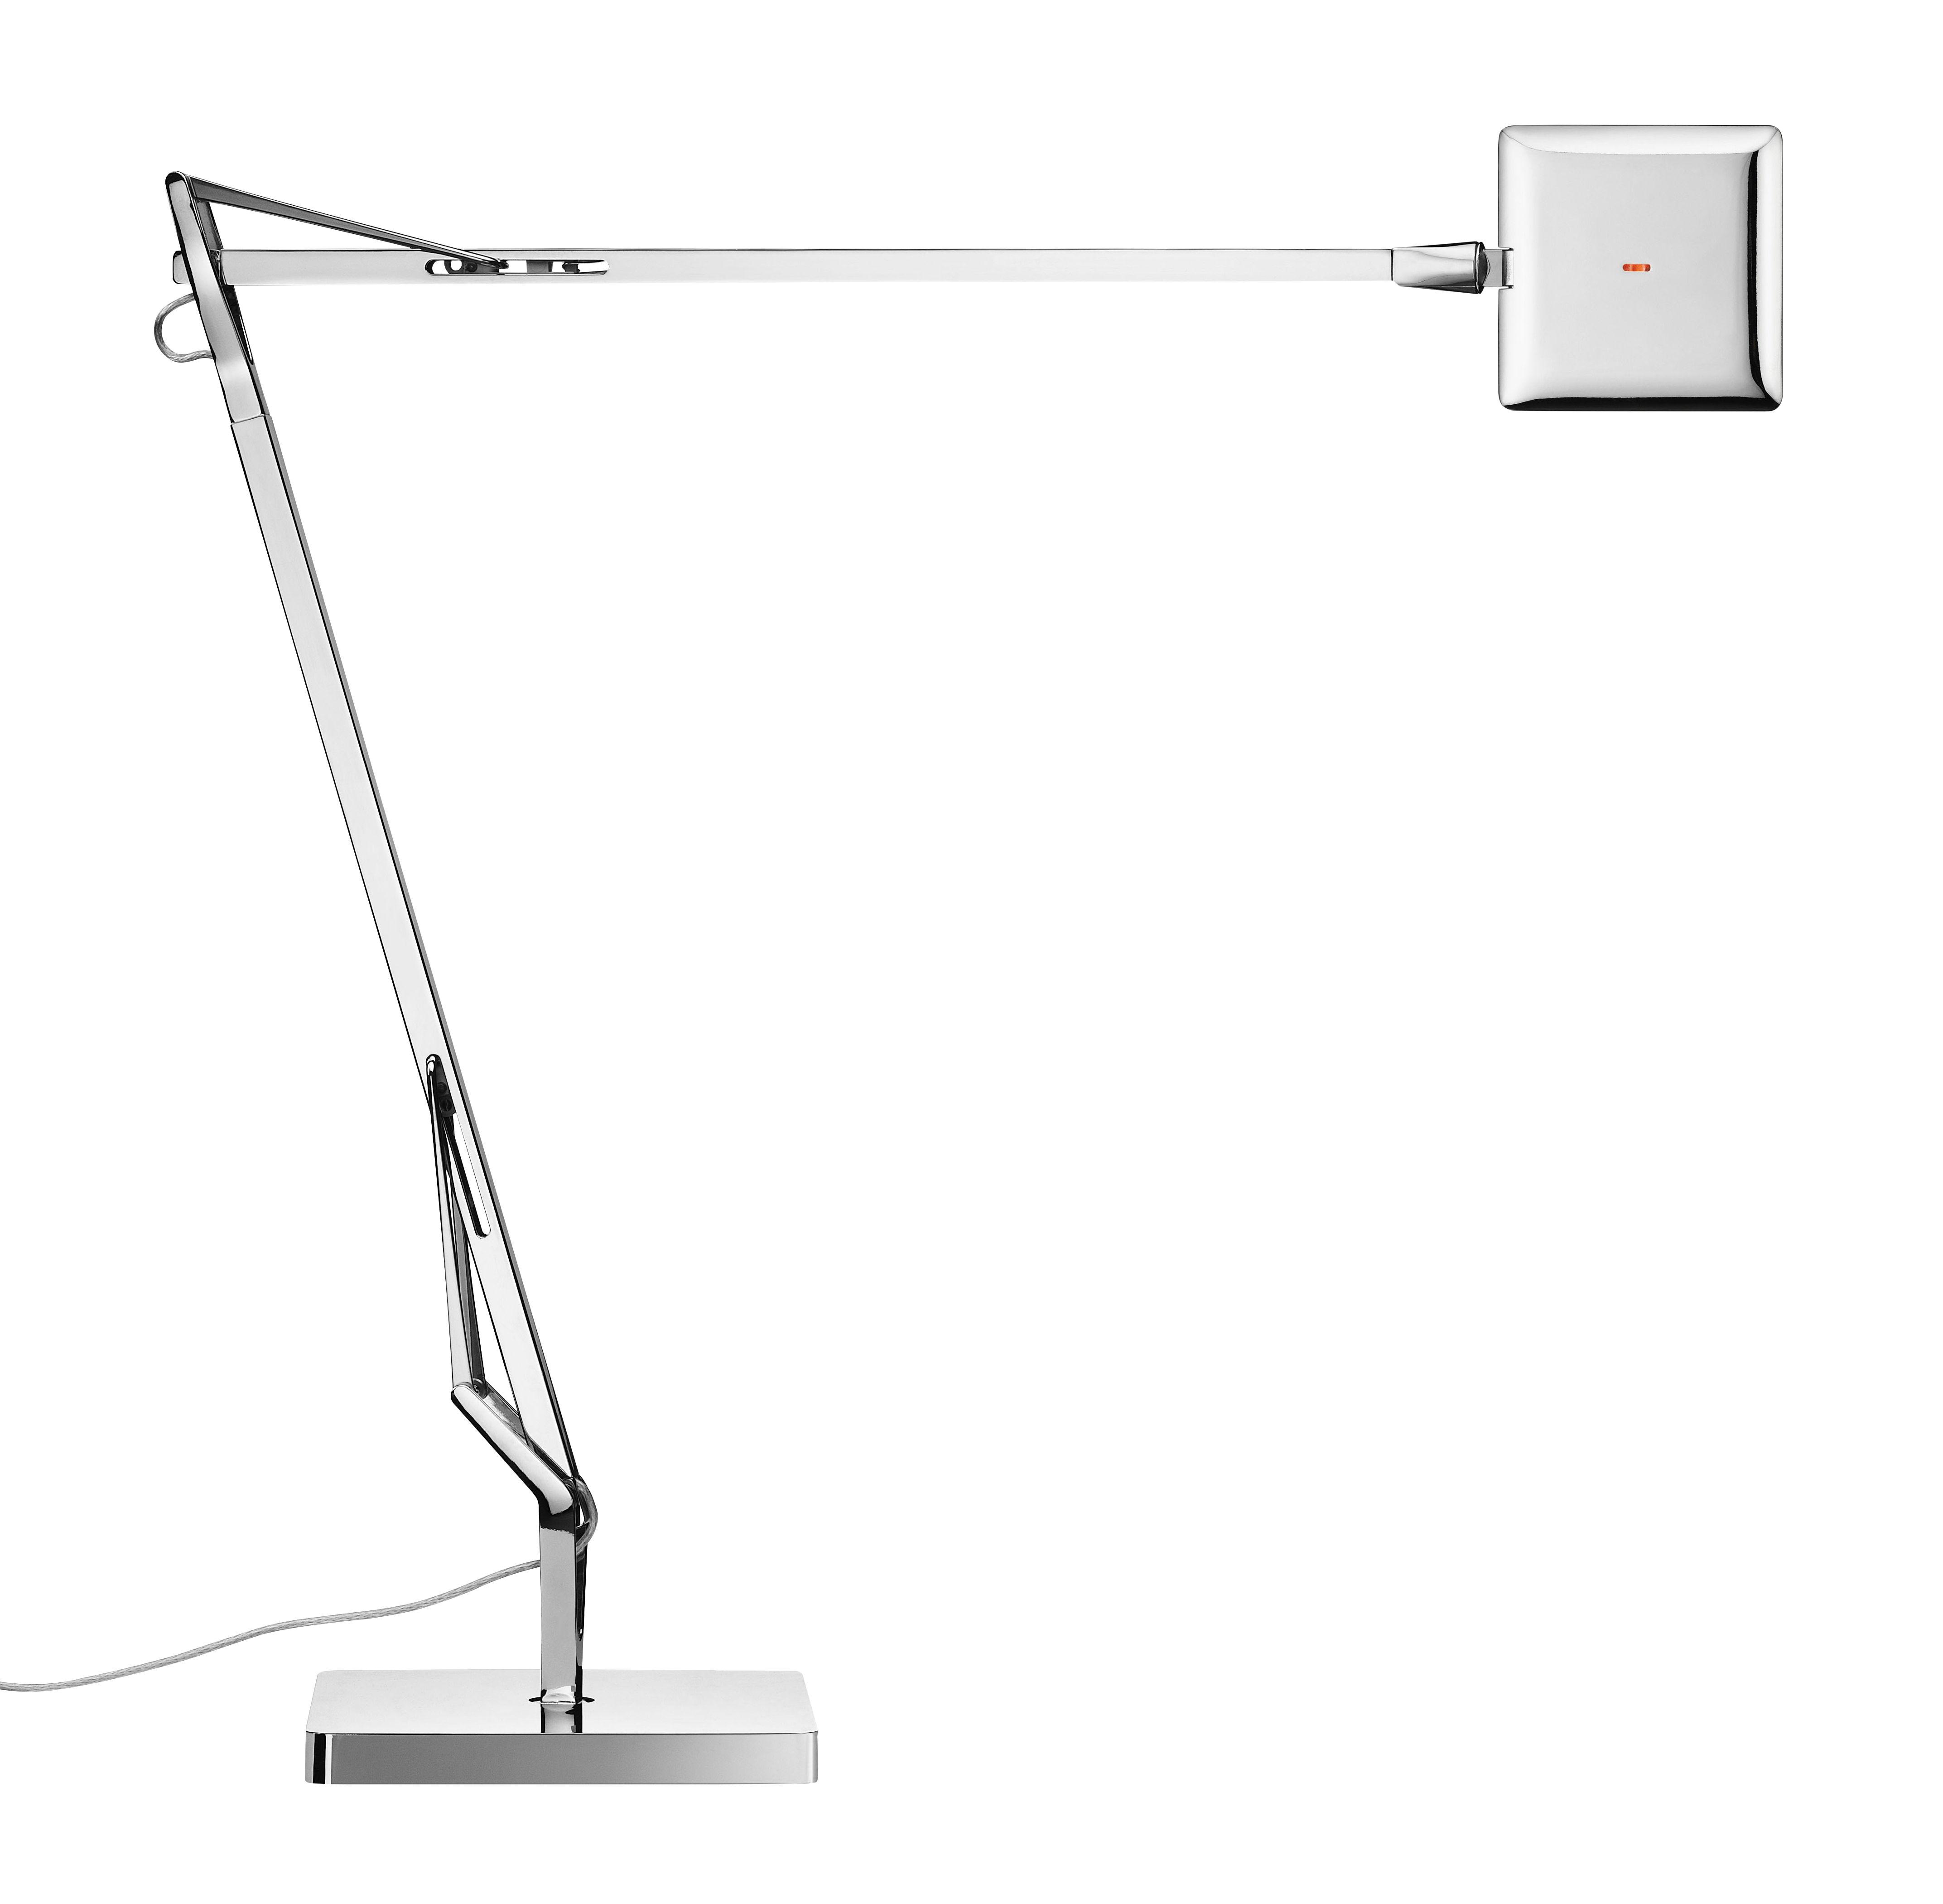 Illuminazione - Lampade da tavolo - Lampada da tavolo Kelvin Edge / LED - Flos - Cromata - Alluminio